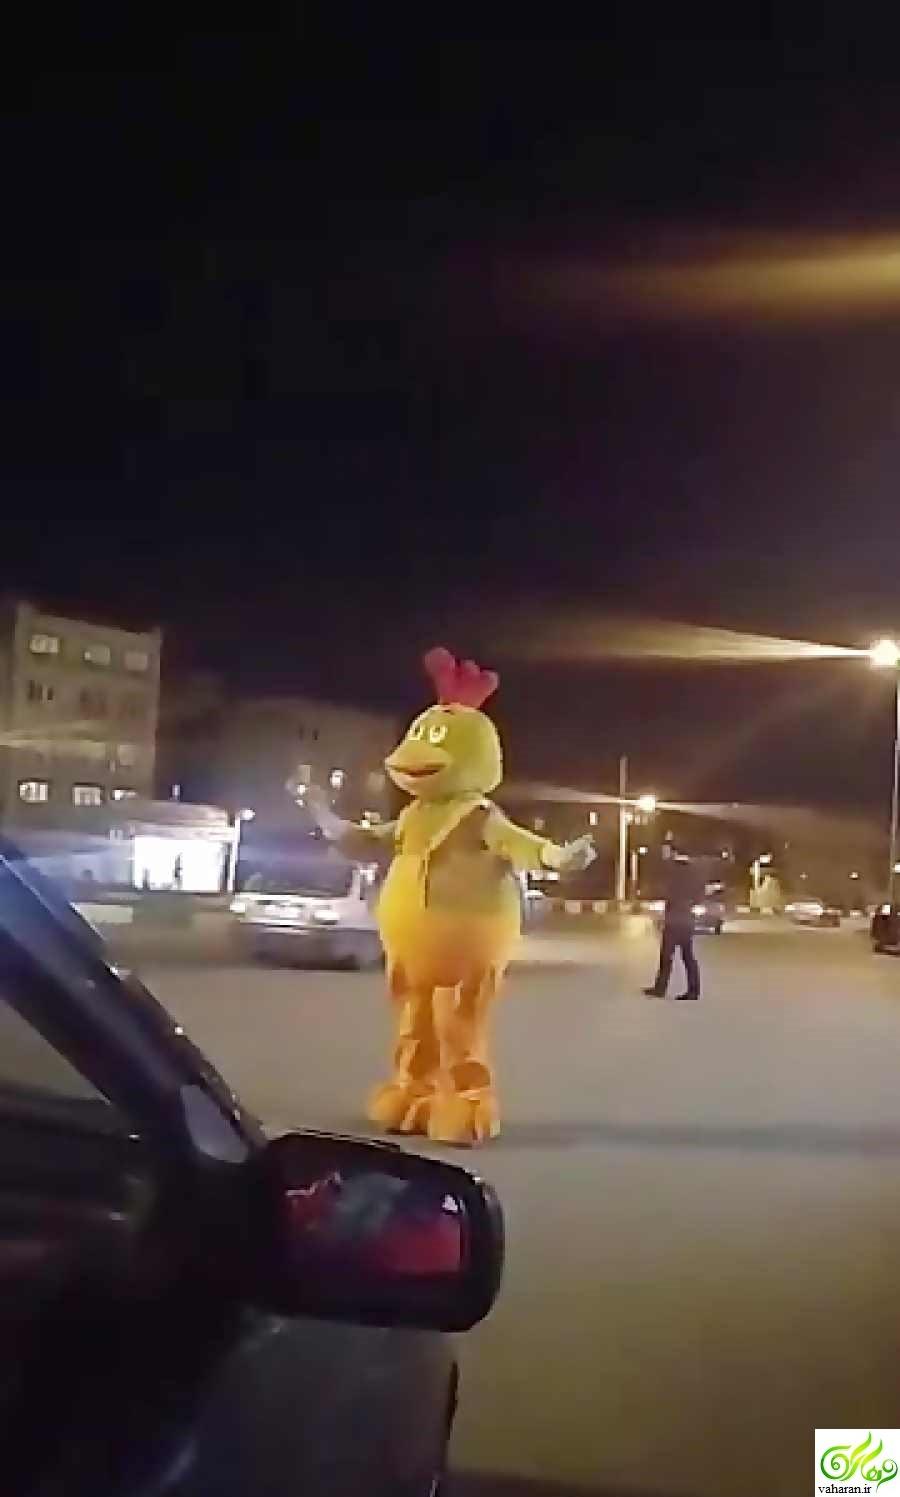 دانلود کلیپ رقص عروسک یک رستوران در فرحزاد